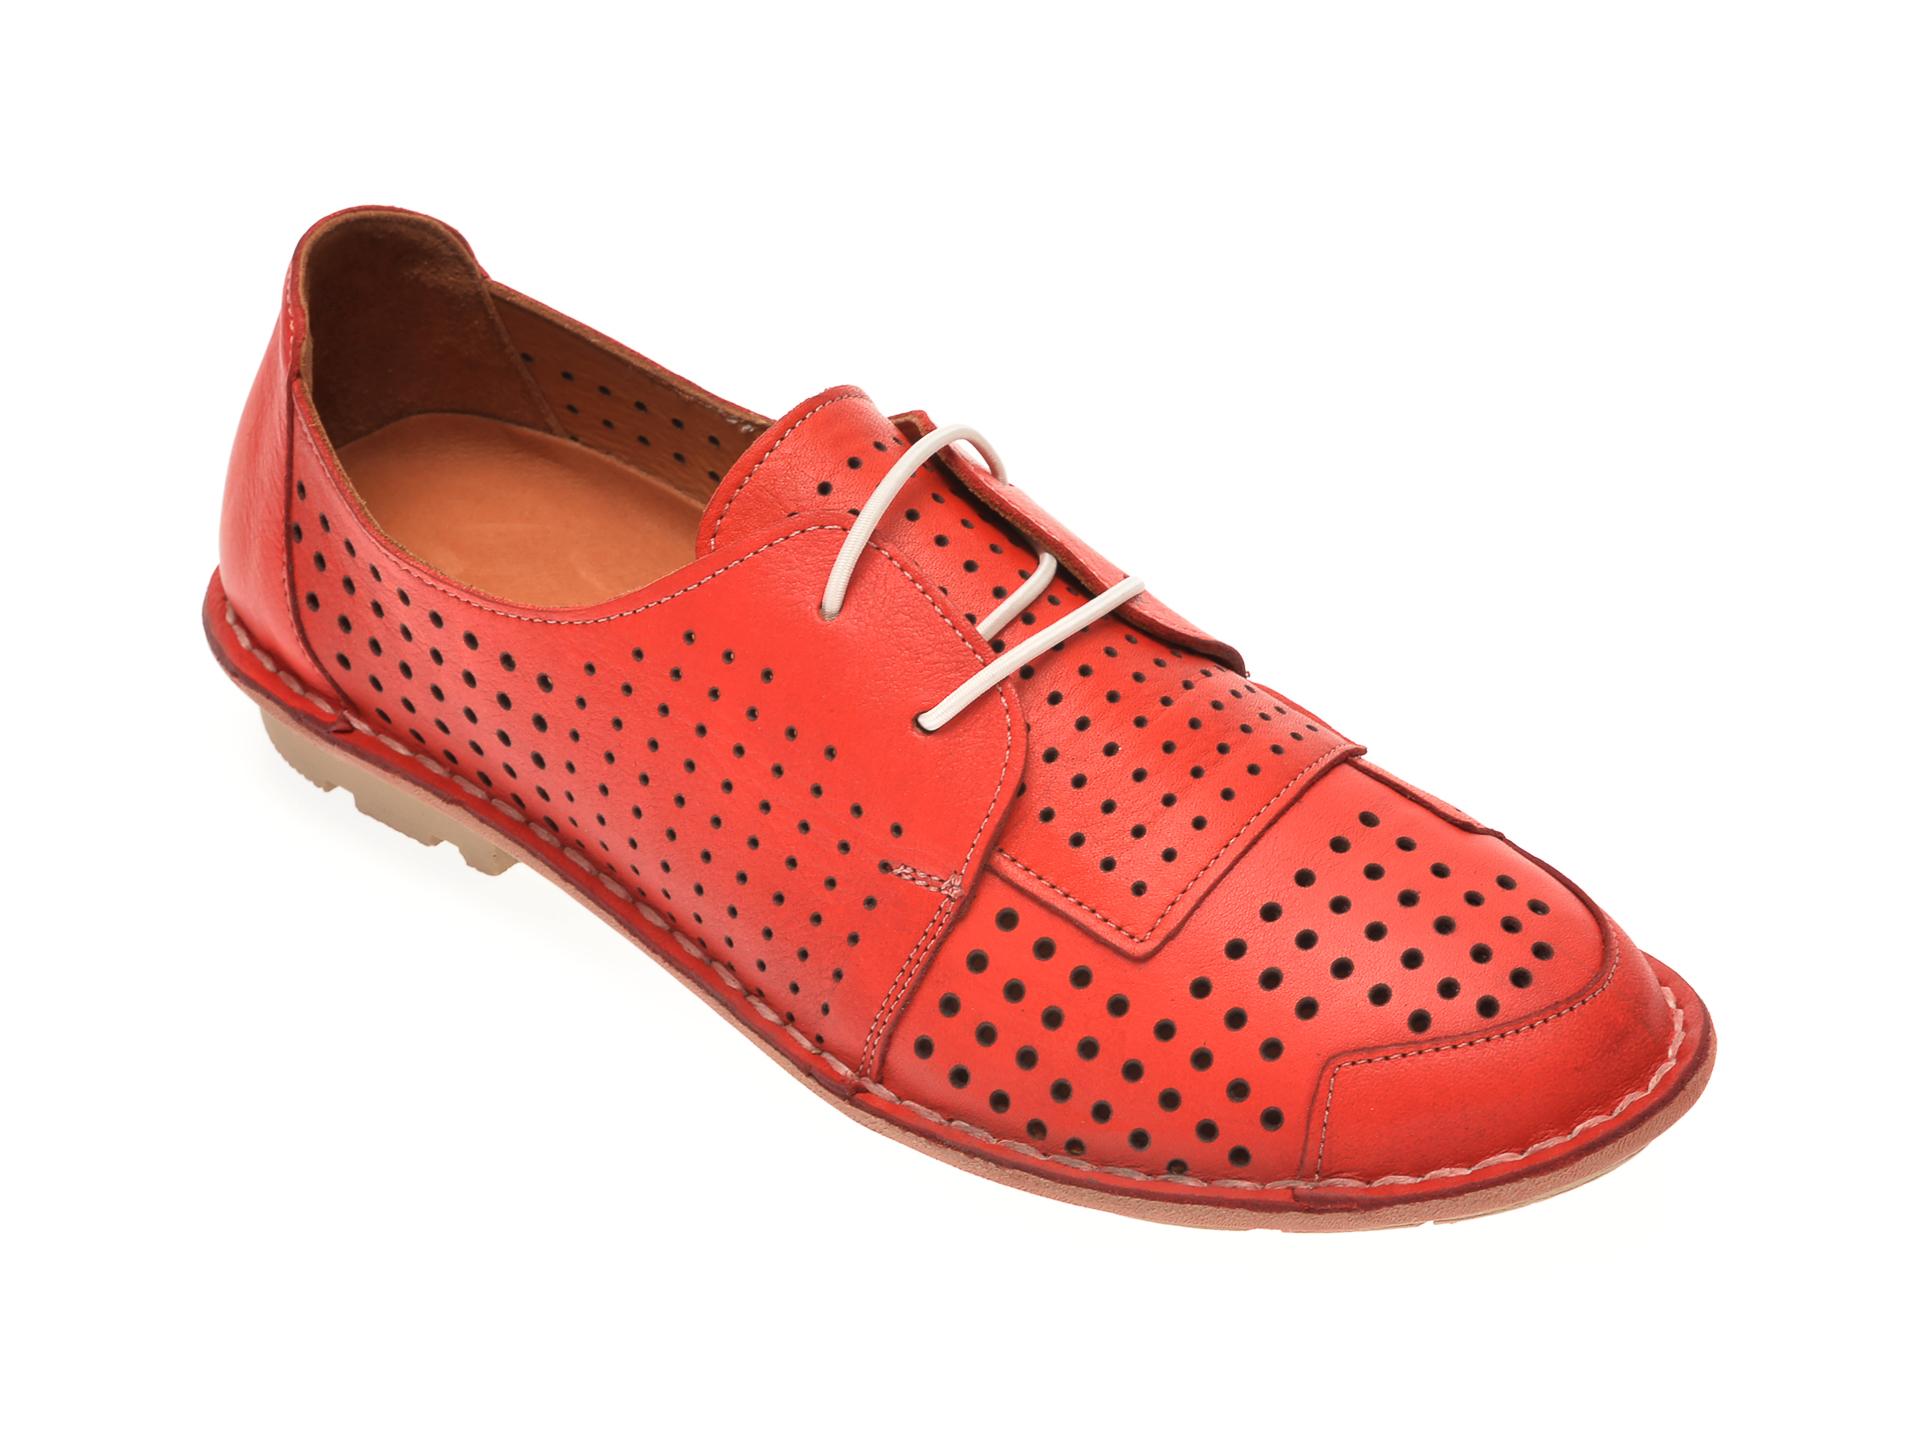 Pantofi FLAVIA PASSINI rosii, 808, din piele naturala